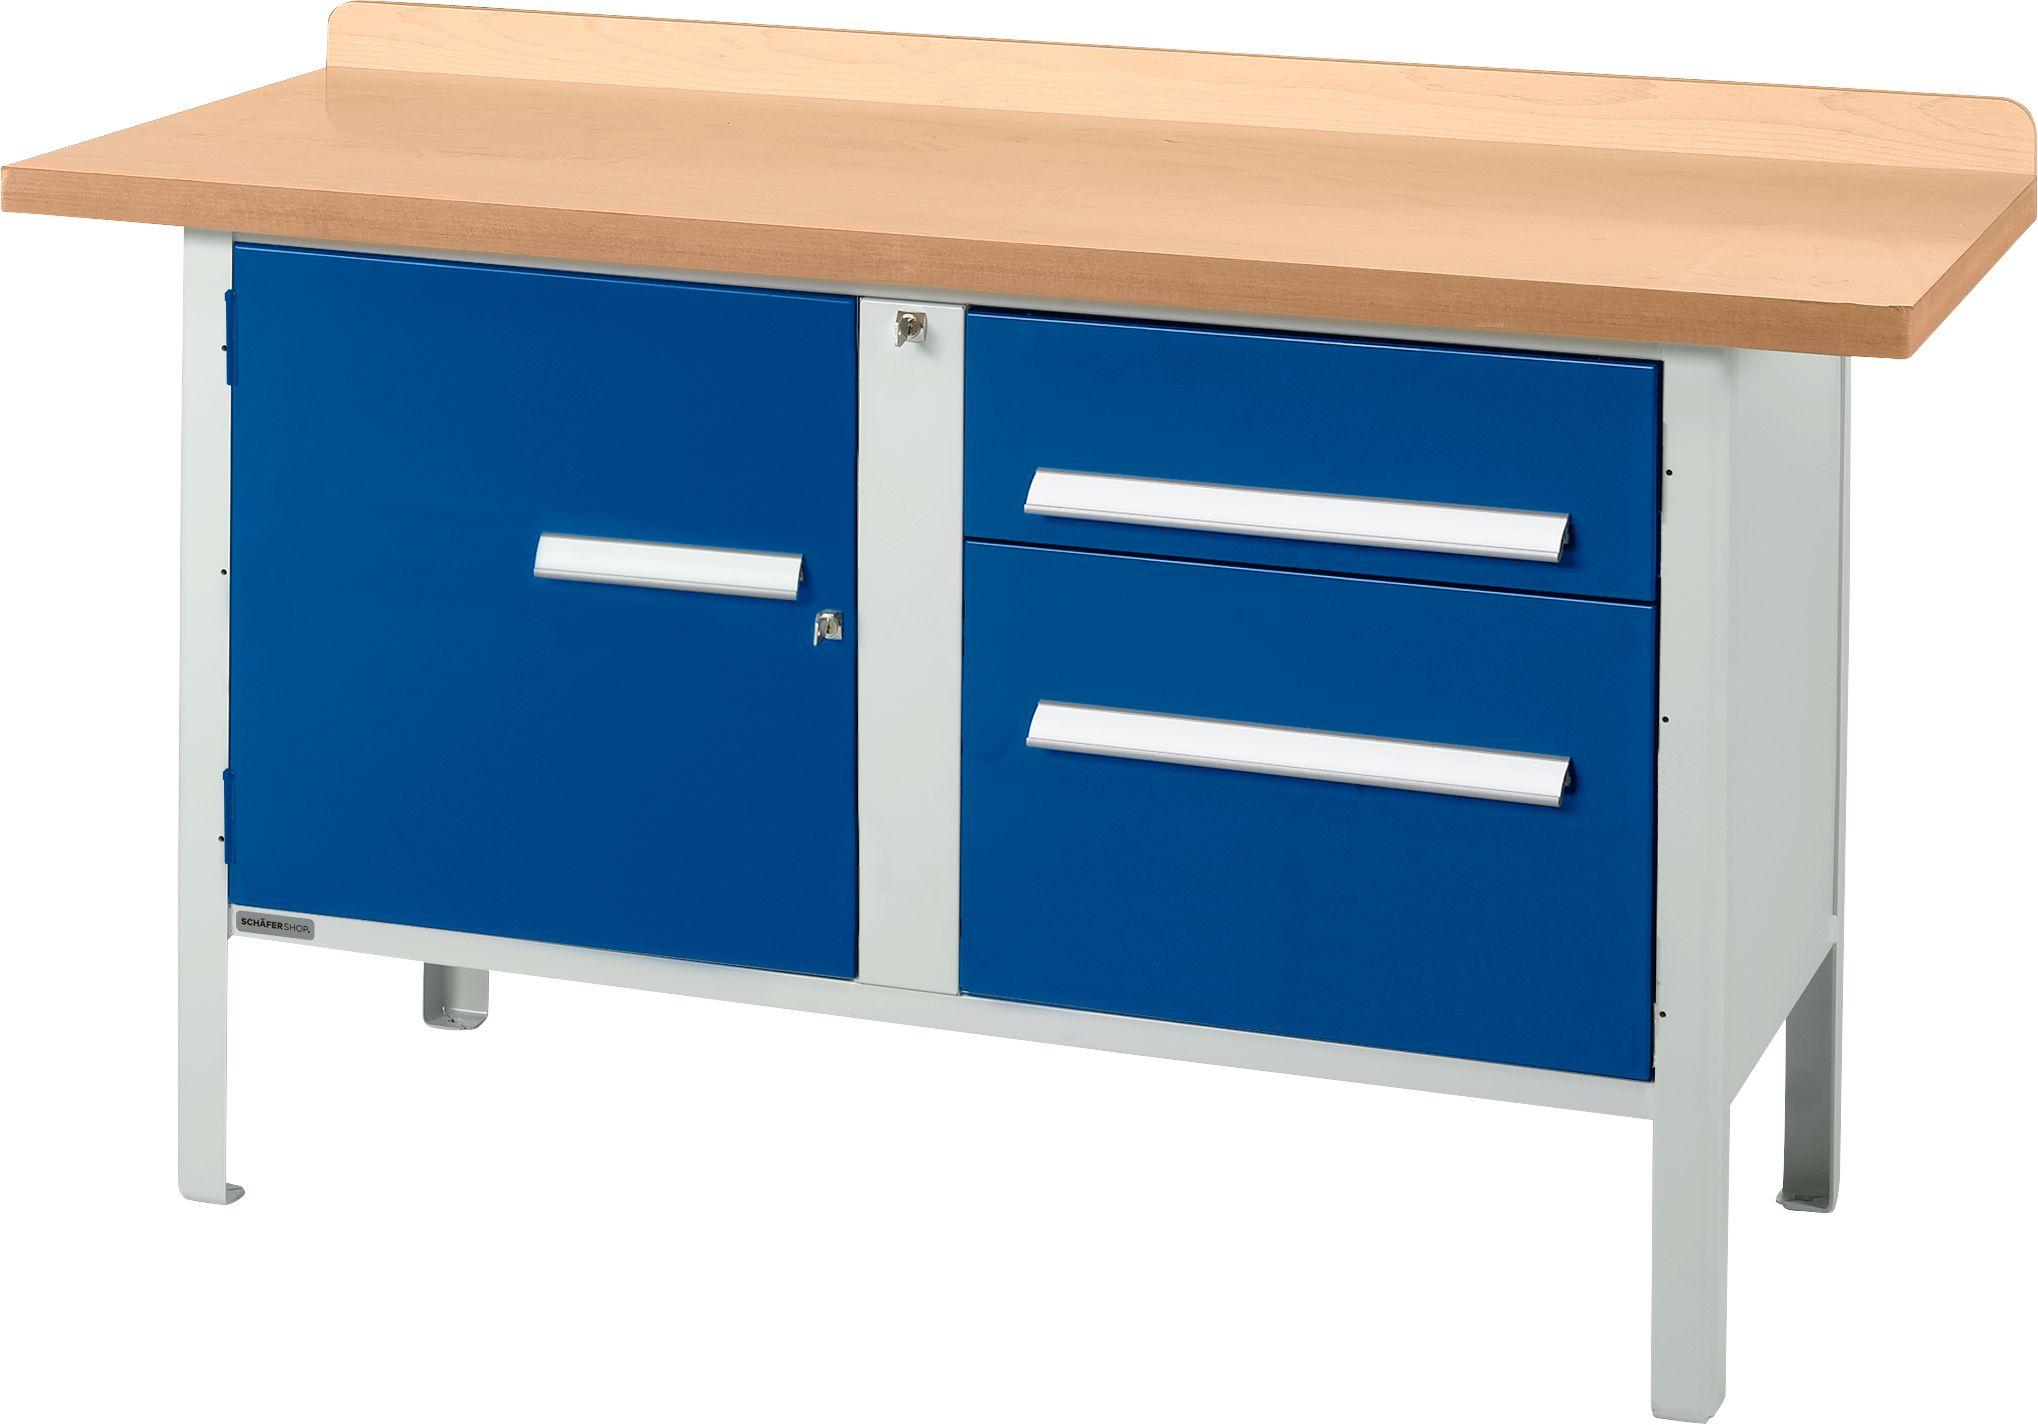 universelle profi werkbank pw 150 3 g nstig kaufen sch fer shop. Black Bedroom Furniture Sets. Home Design Ideas